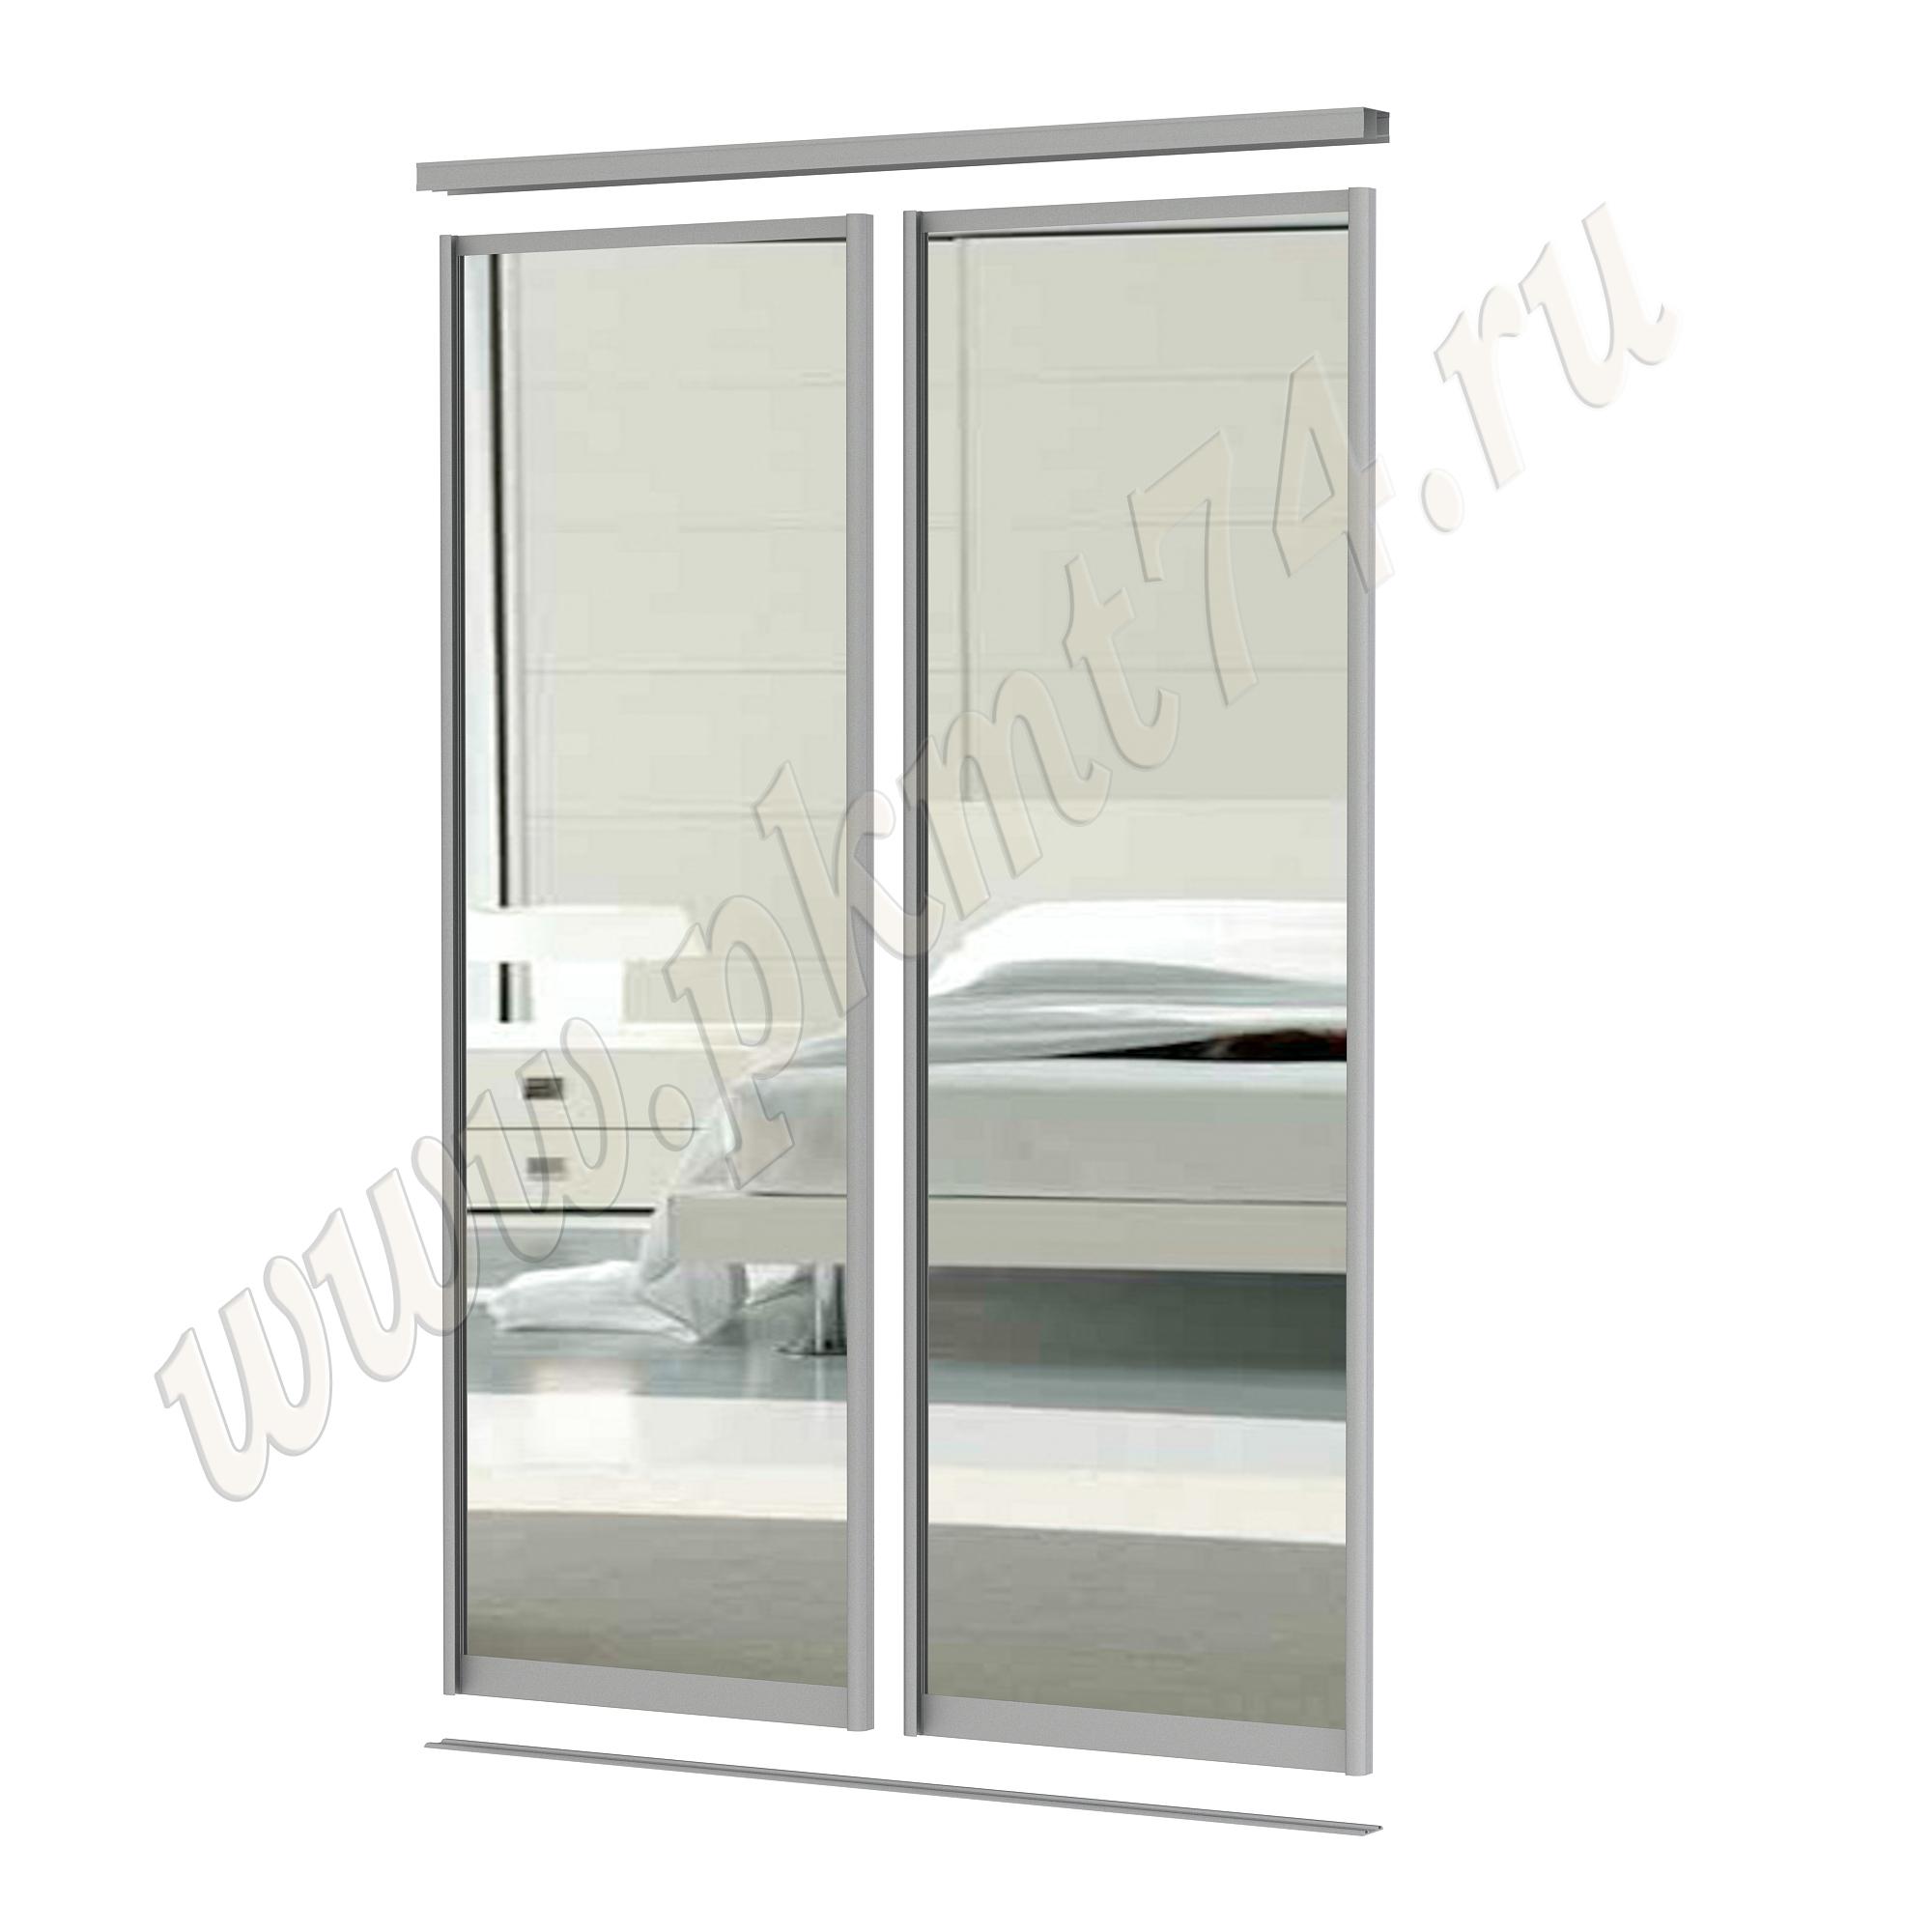 Зеркальные двери для шкафа купе [Размер:: 1200х2500]